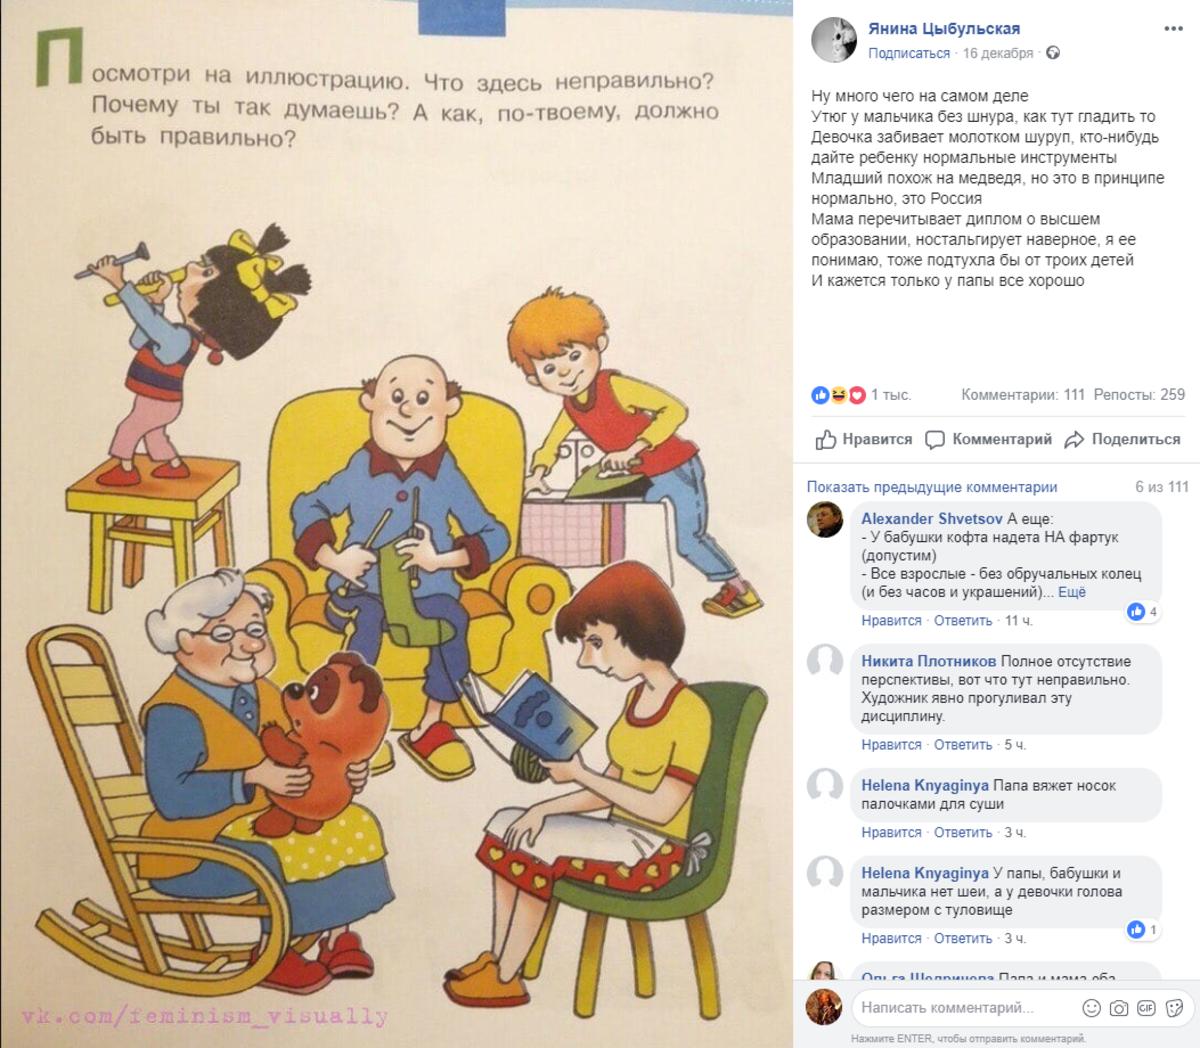 Взрослые нашли много странностей в советской детской картинке